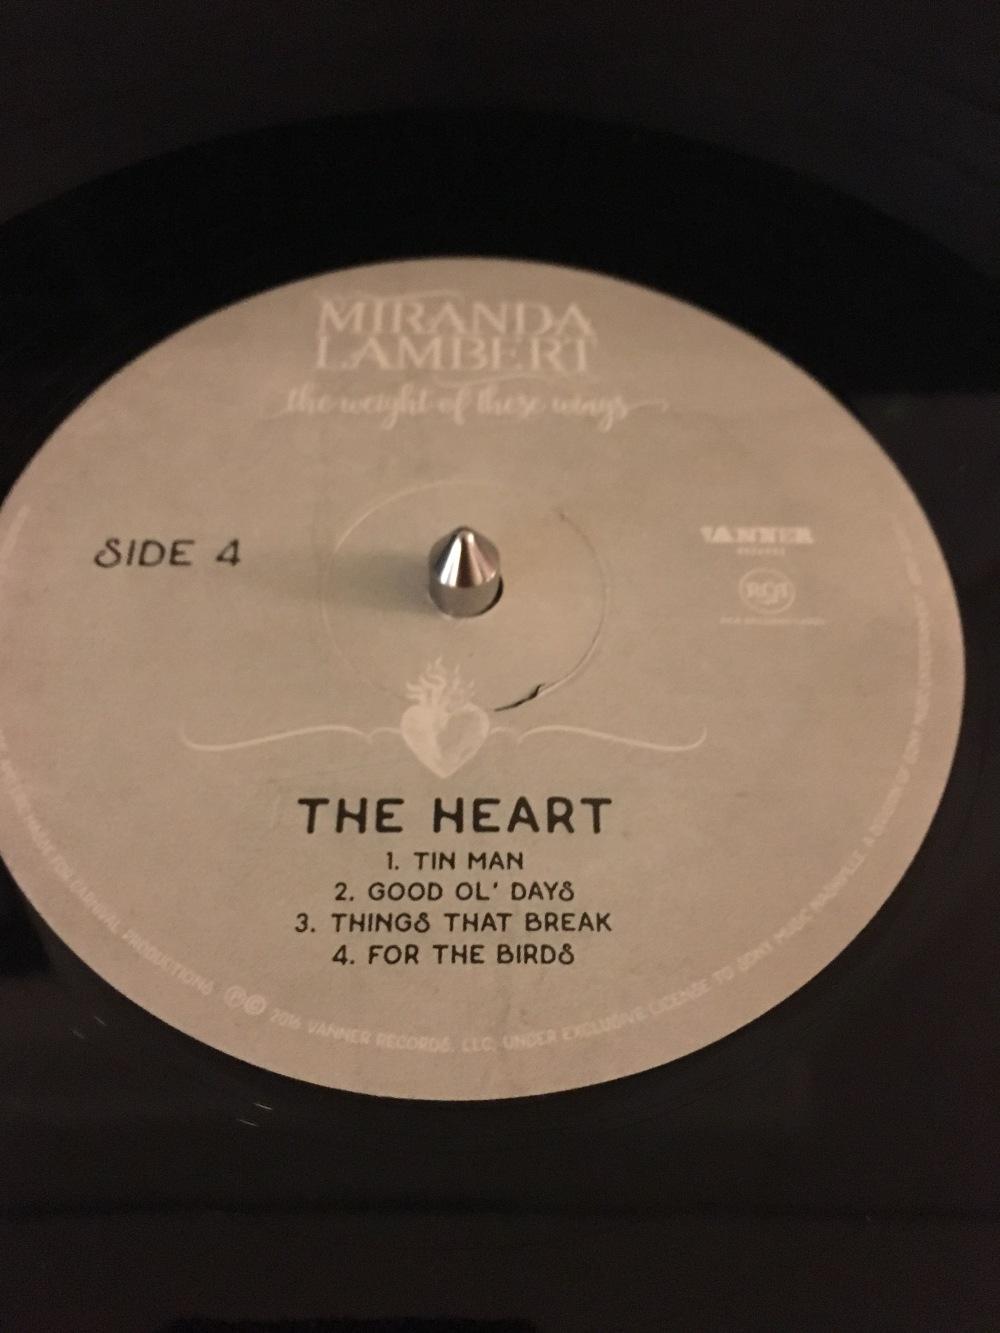 Miranda lambert the weight of these wings blood for vinyl for Miranda lambert the weight of these wings songs